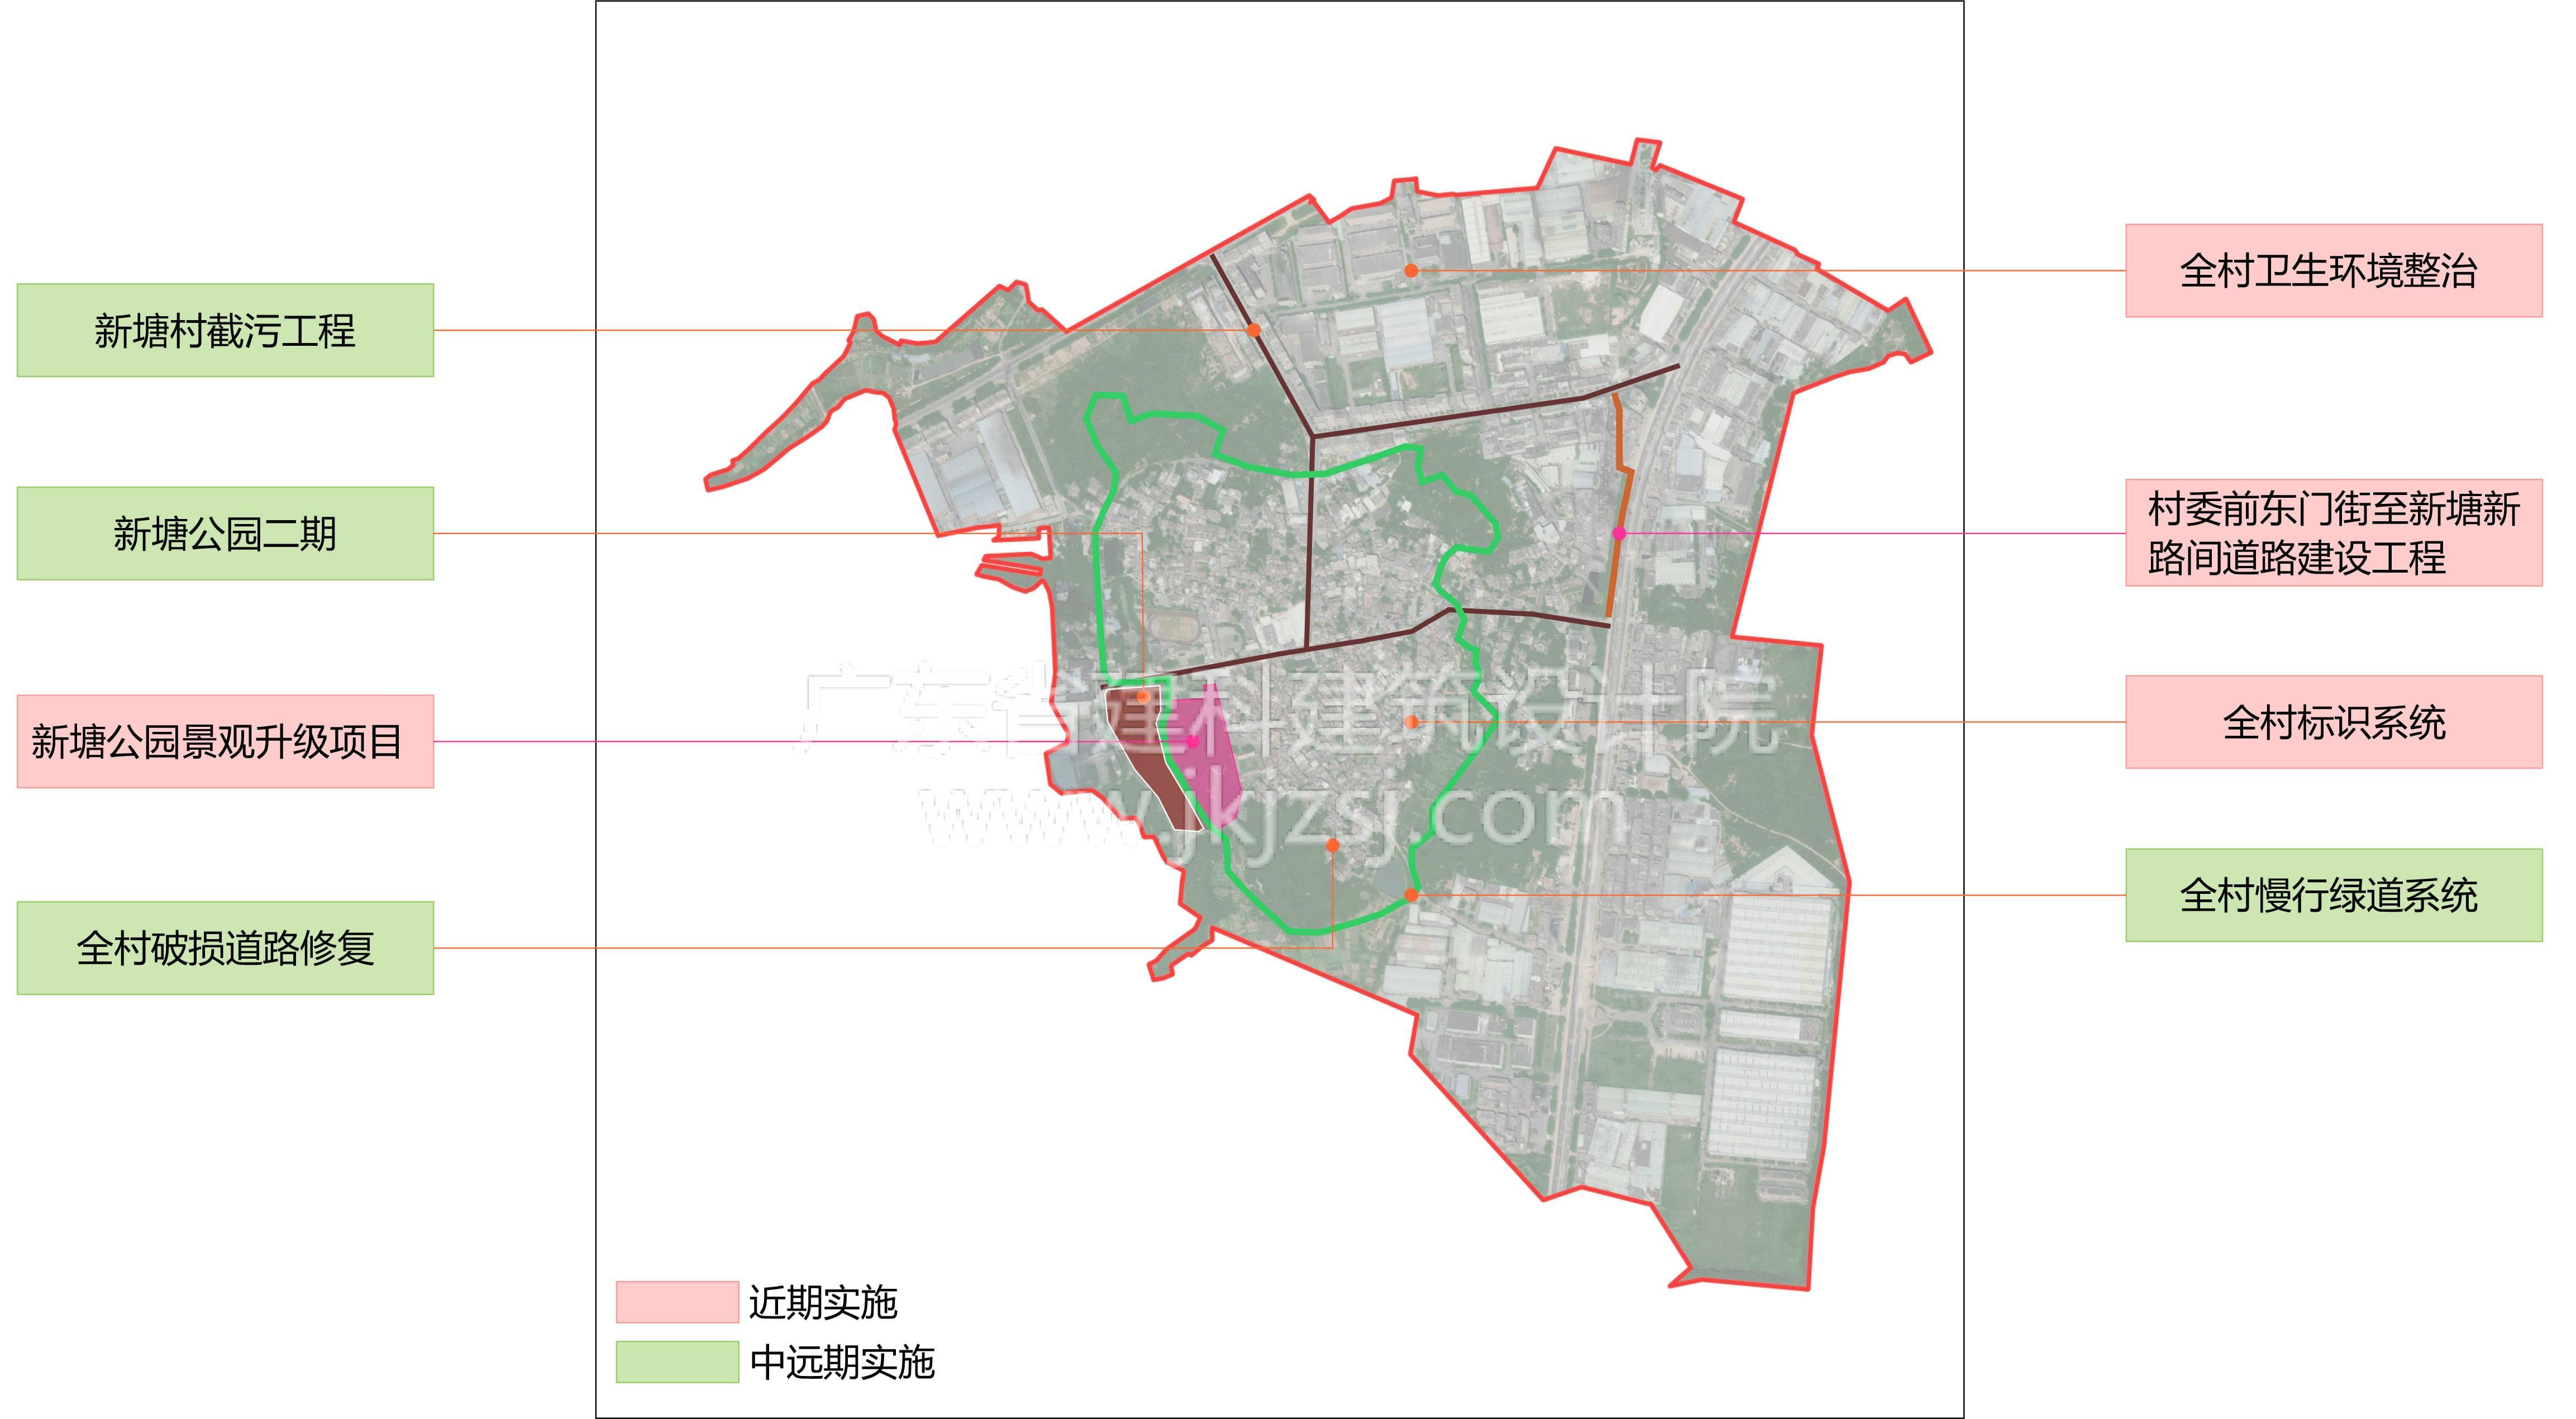 大岭山镇新塘村美丽幸福村居建设行动计划